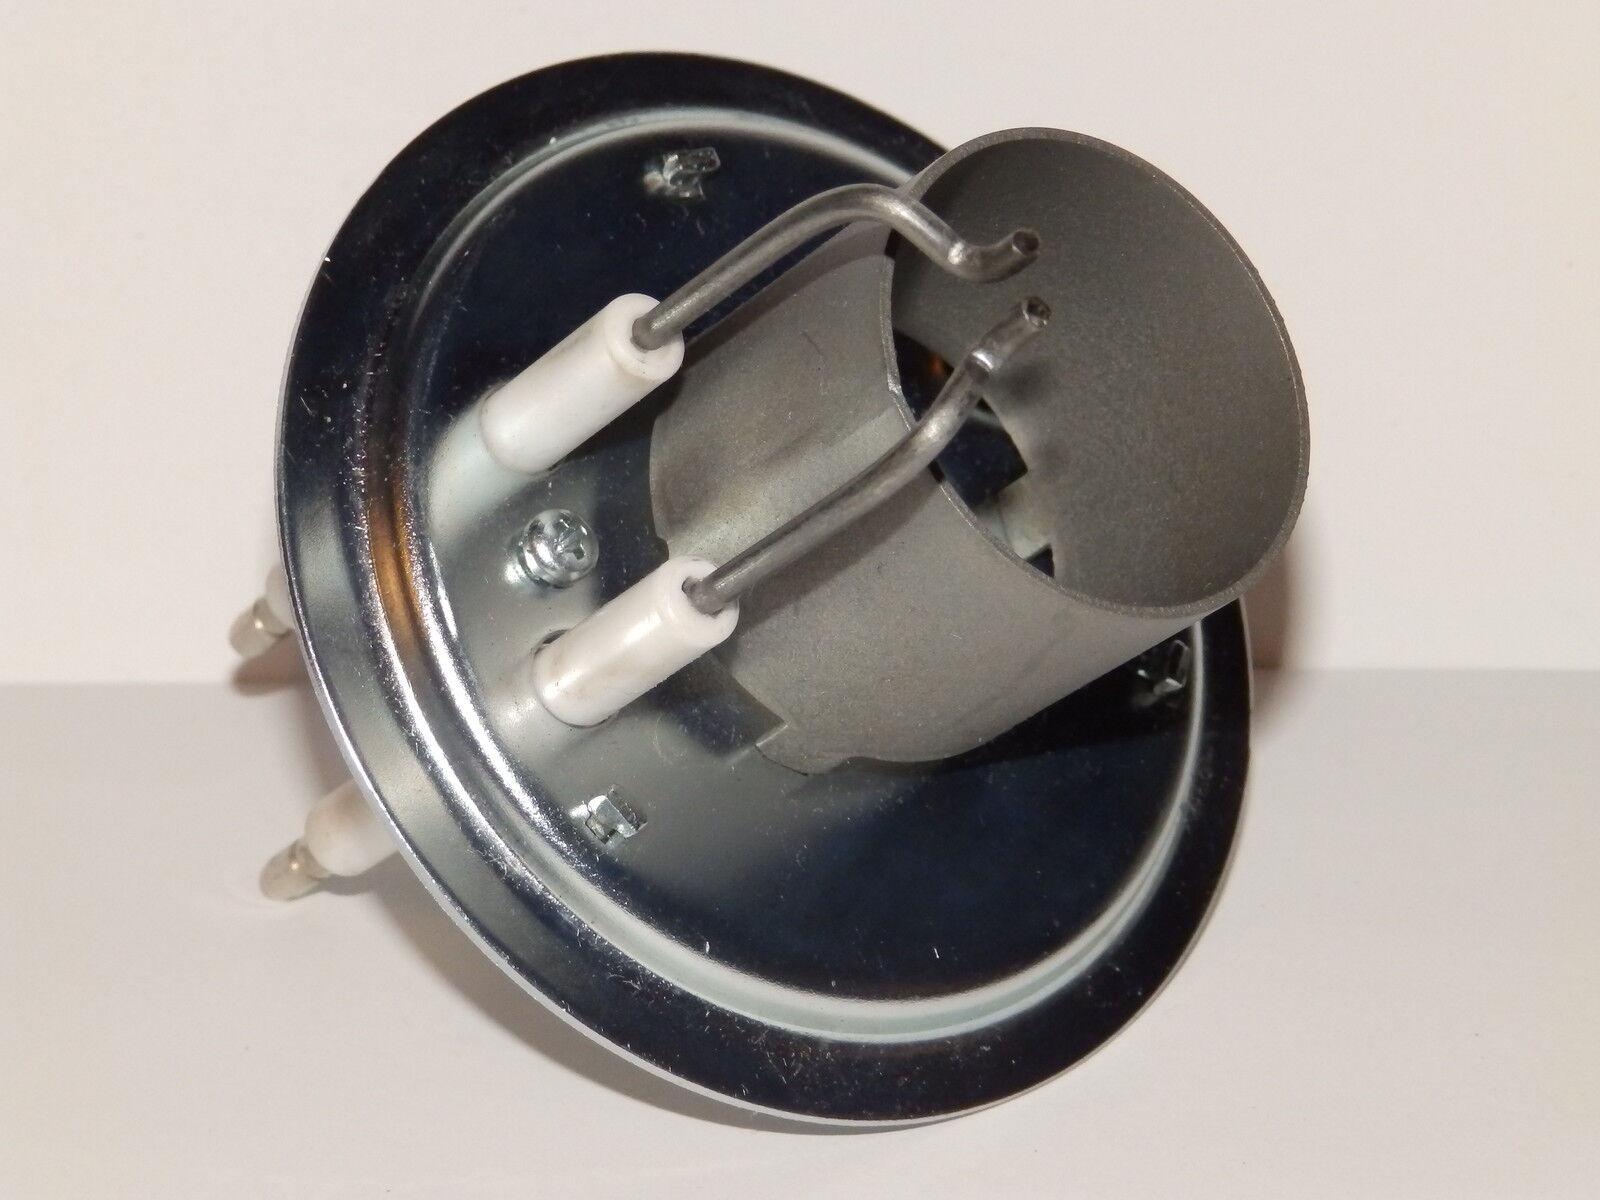 Mischsystem für Buderus Ölbrenner BRE1 / 1.0 17KW für Schwefelarmes Schwefelarmes Schwefelarmes Heizöl b59ab6